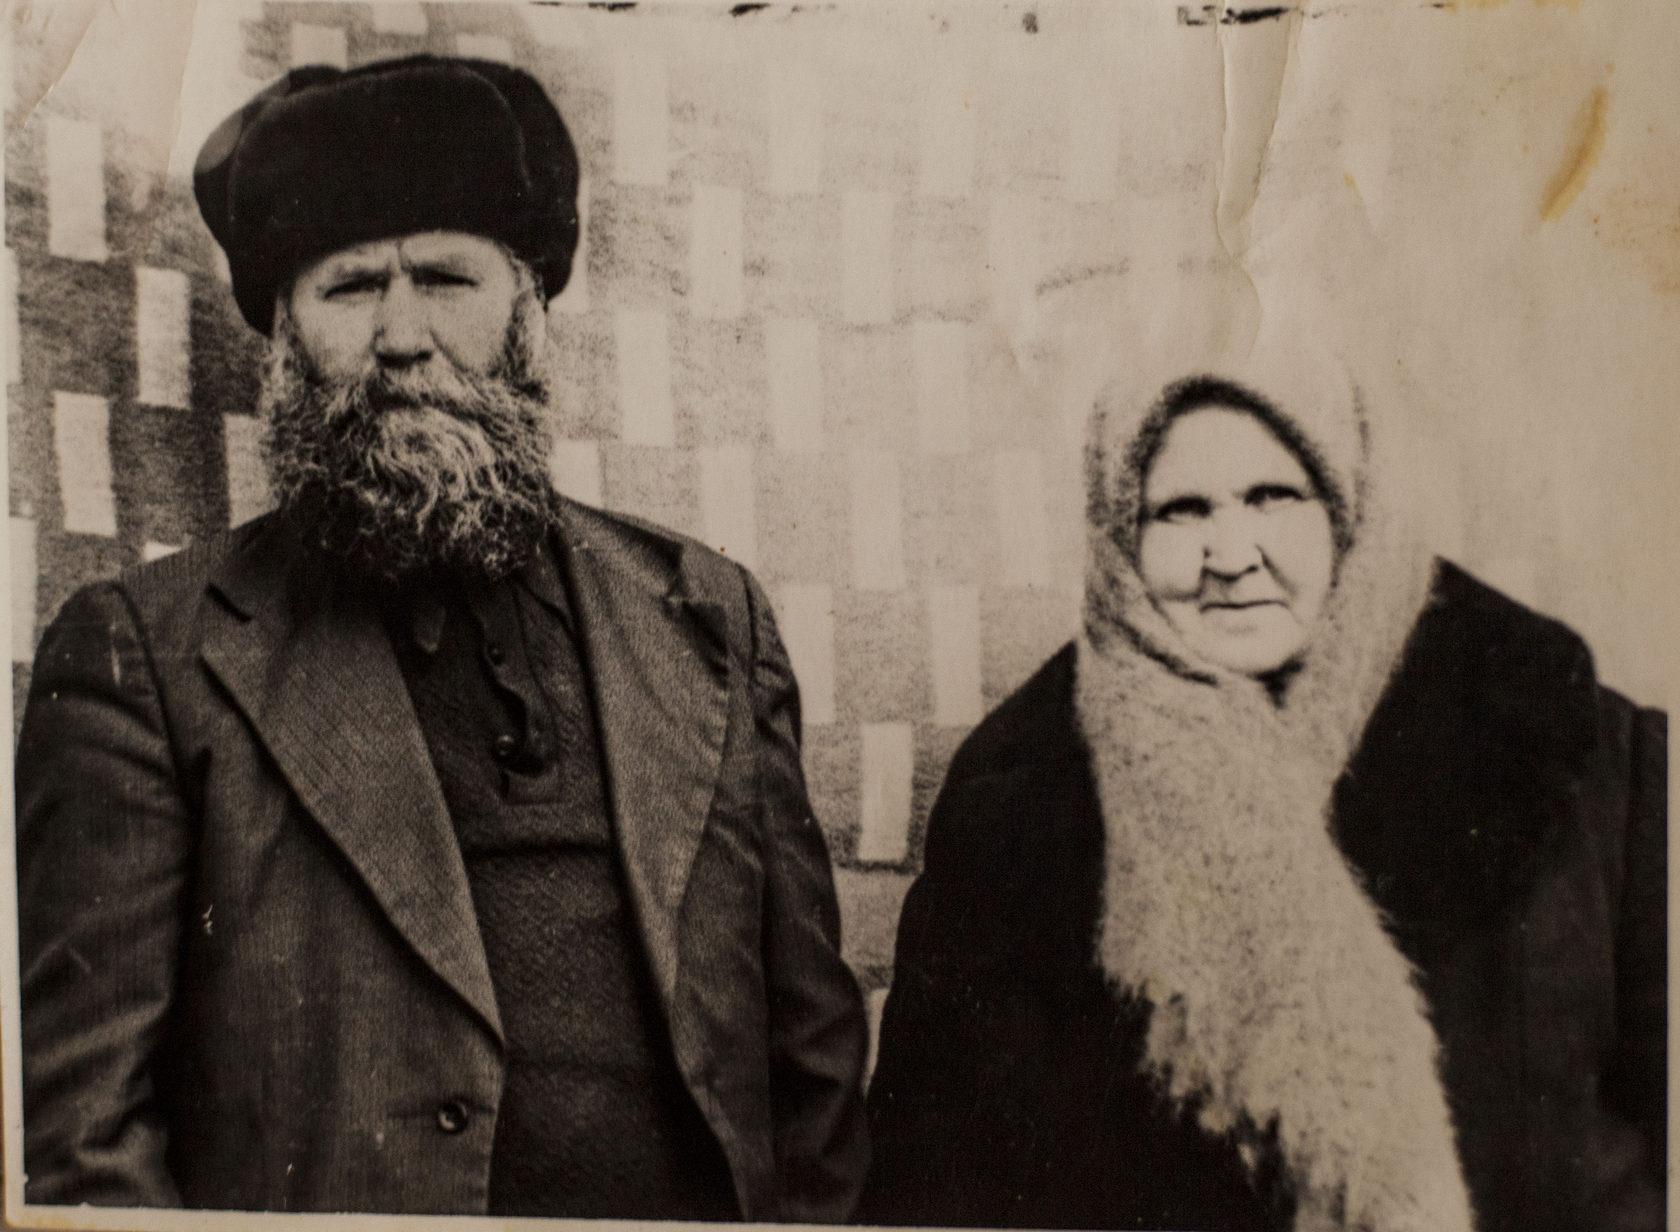 Աննա Կուդրյաշովայի հայրը կնոջ հետ Շորժայի իրենց տանը: